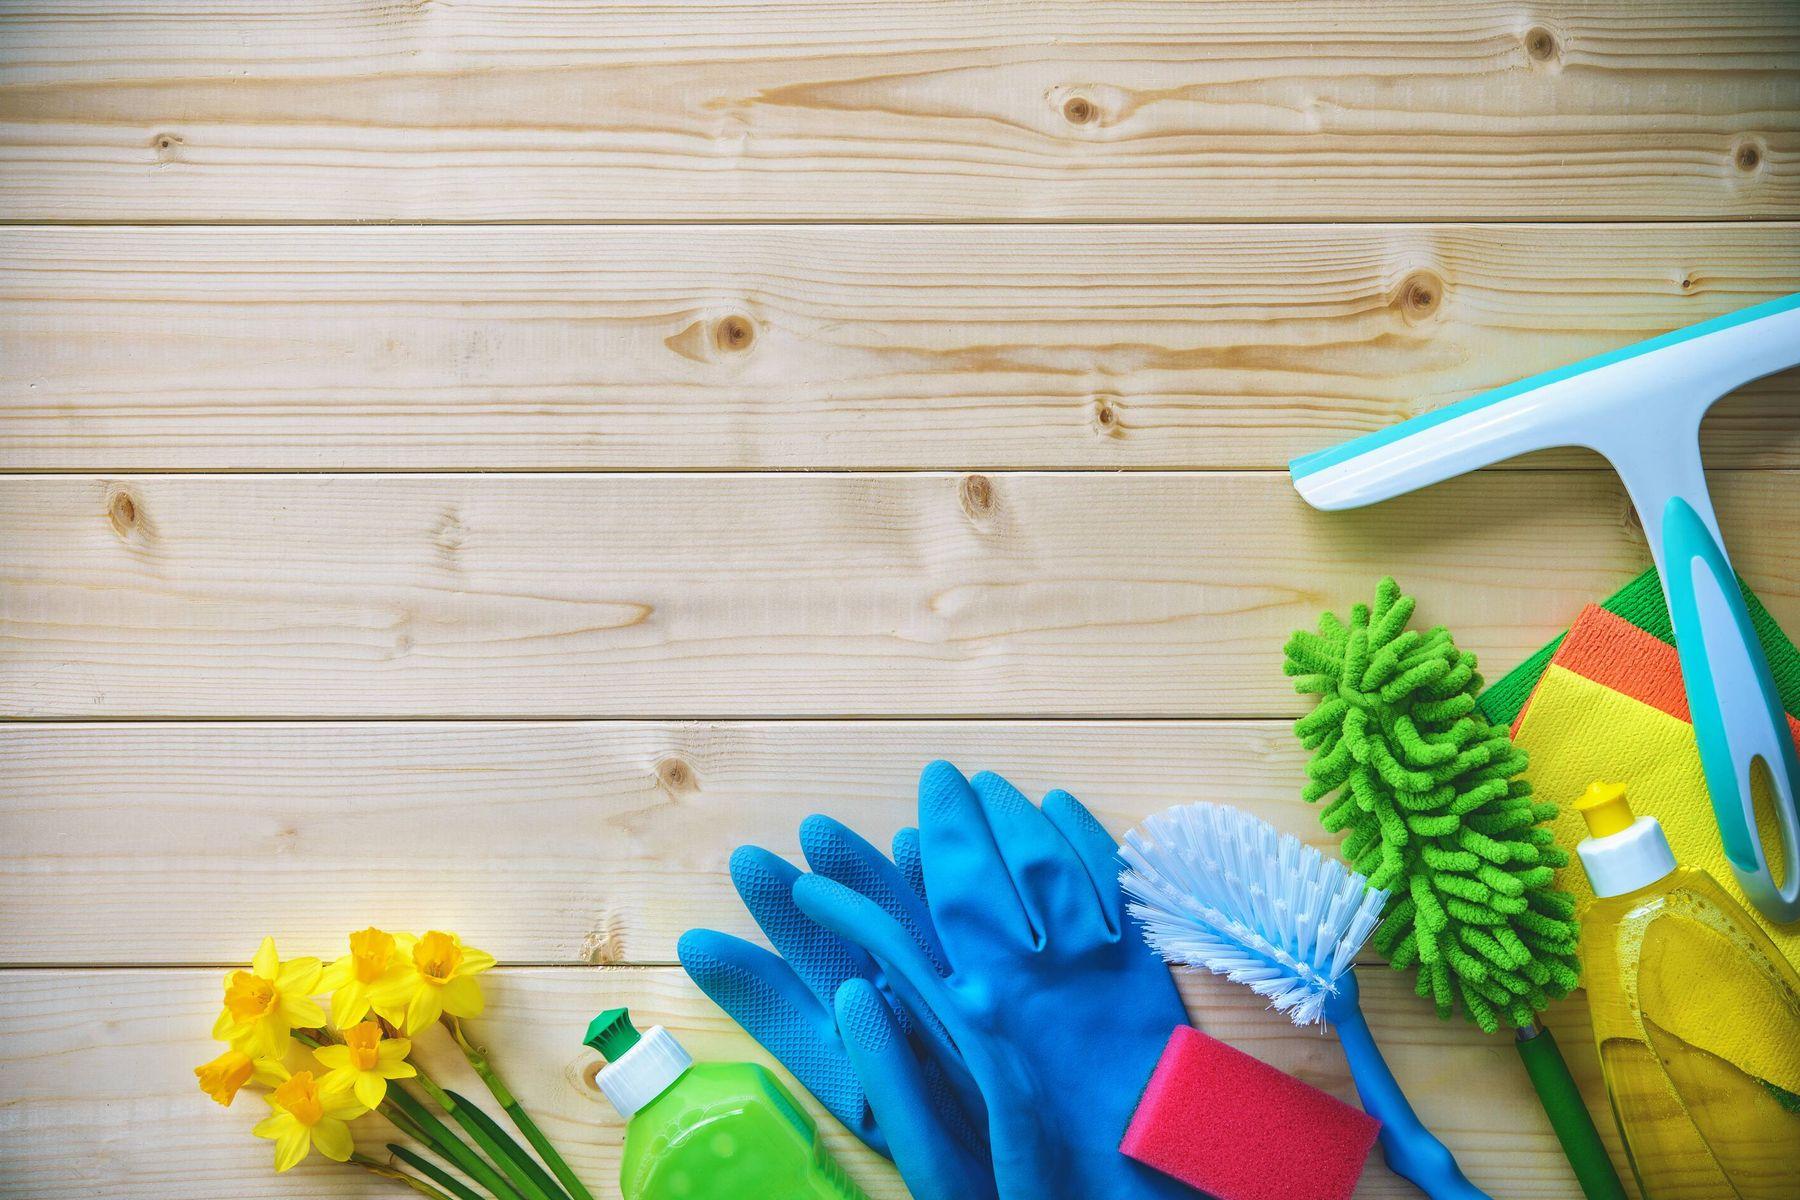 अपने घर में लगे मकड़ी के जाले को निकलें | क्लीएनीपीडिया